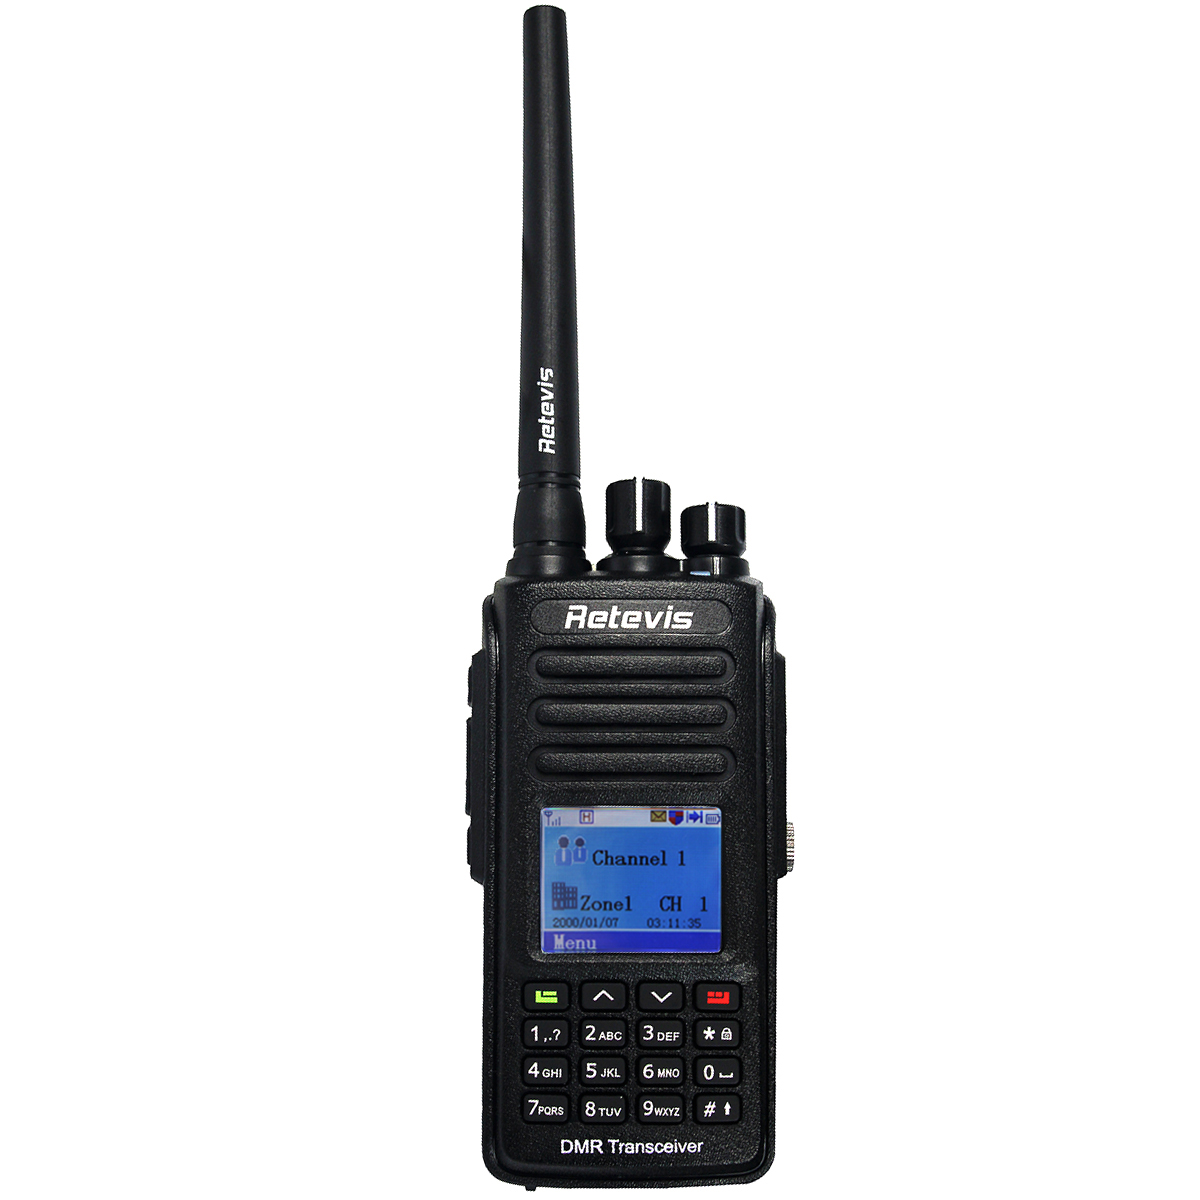 Retevis RT8 DMR Digital Radio (GPS) Walkie Talkie 5W UHF (or VHF) IP67 Waterproof Dustproof Ham Radio Transceiver+Cable